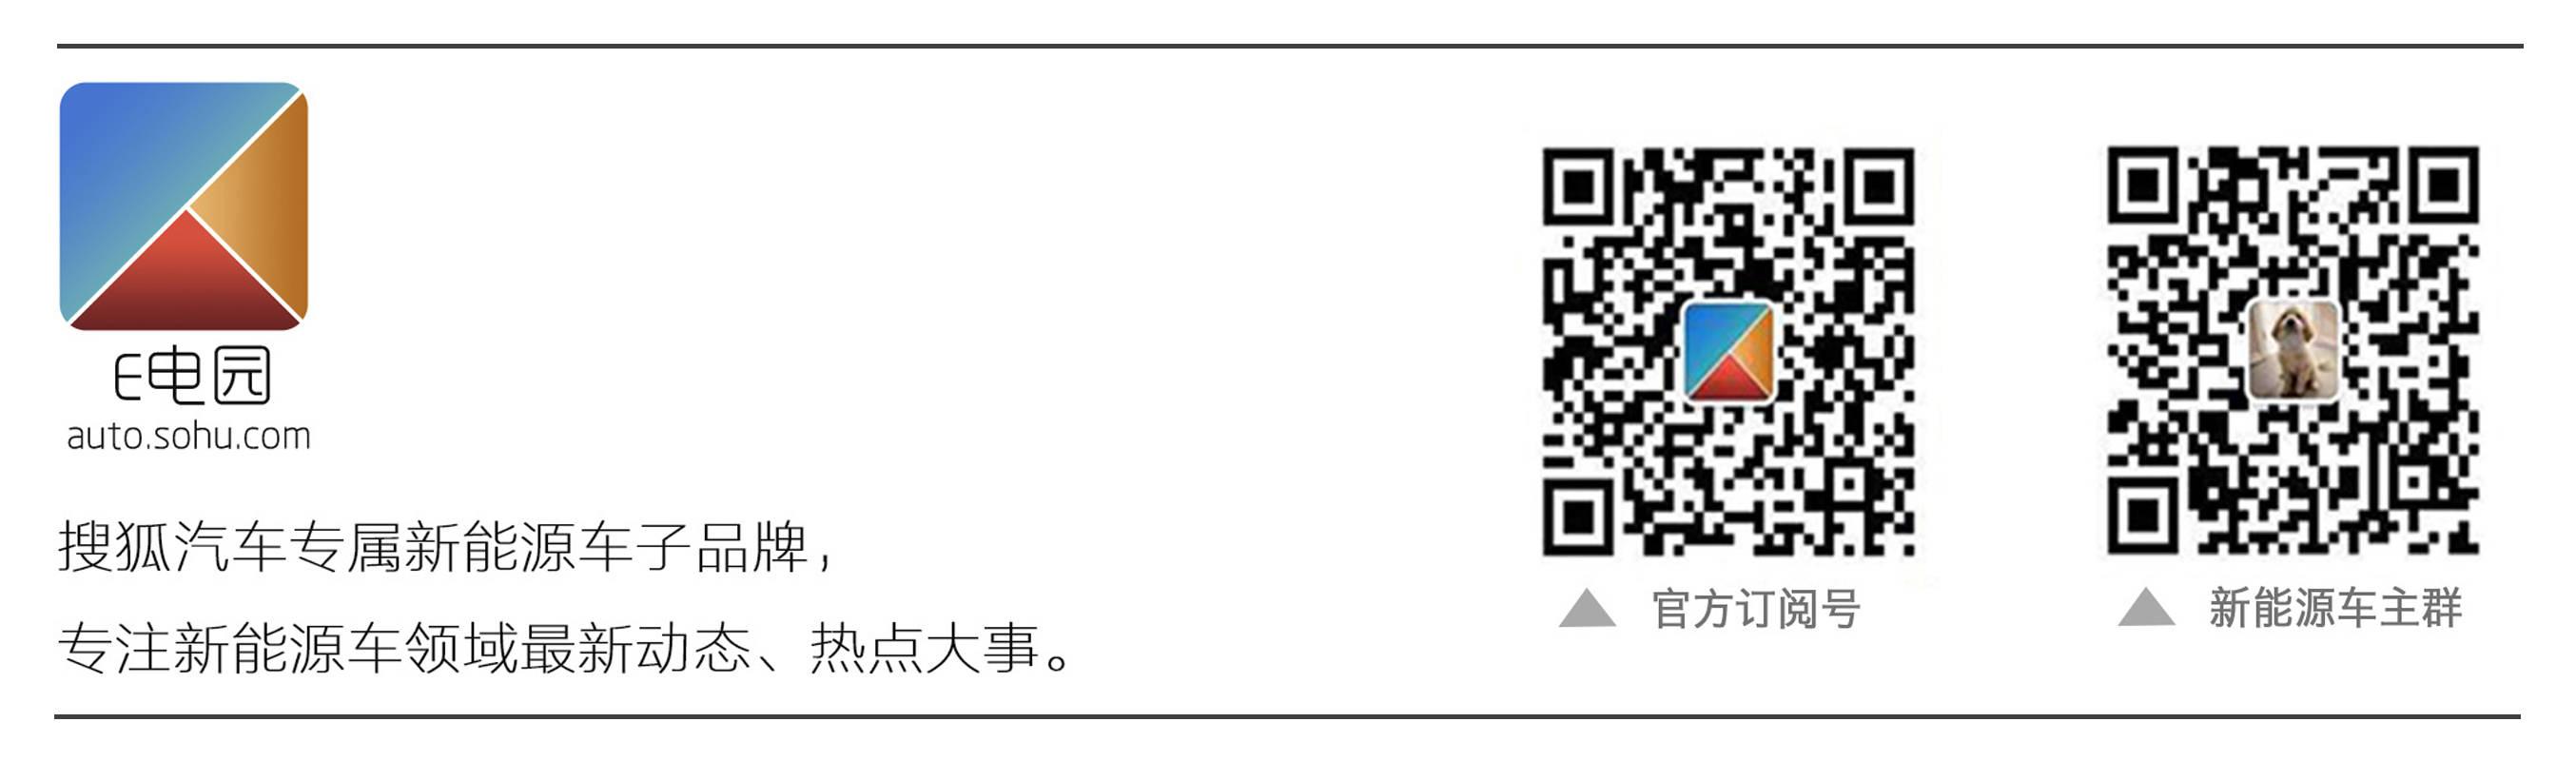 沐鸣代理-首页【1.1.6】